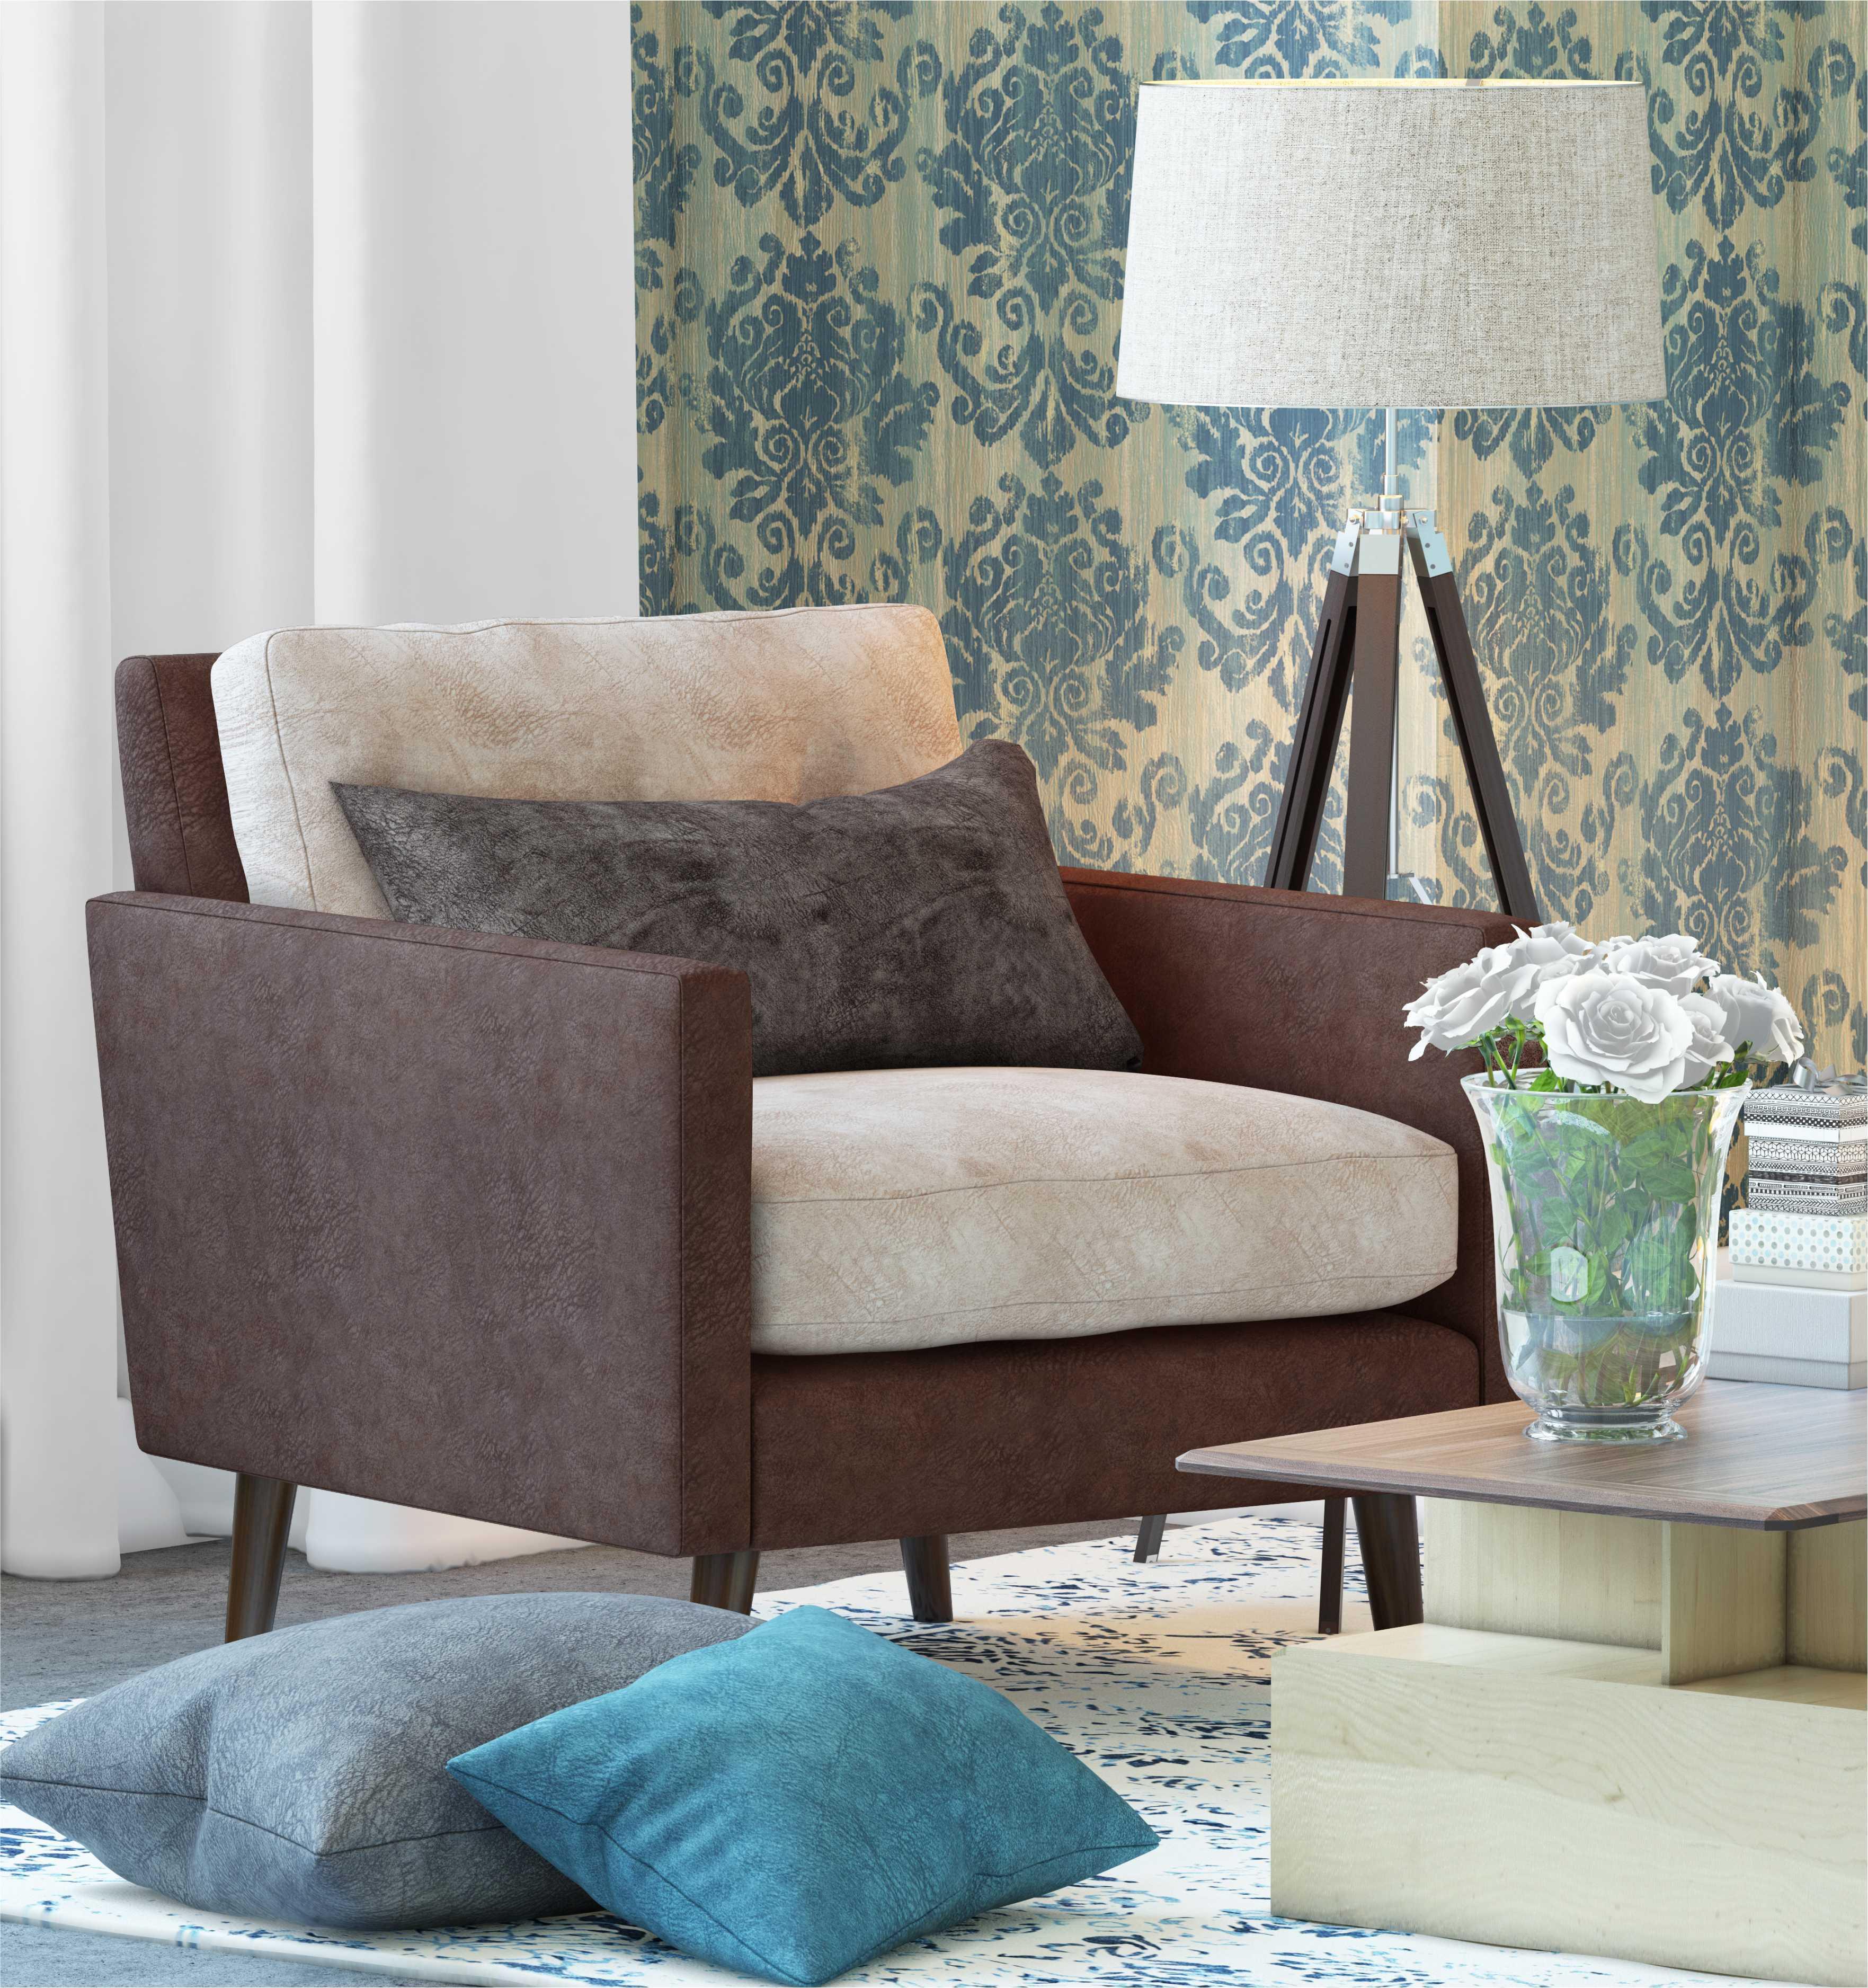 sofa fabric